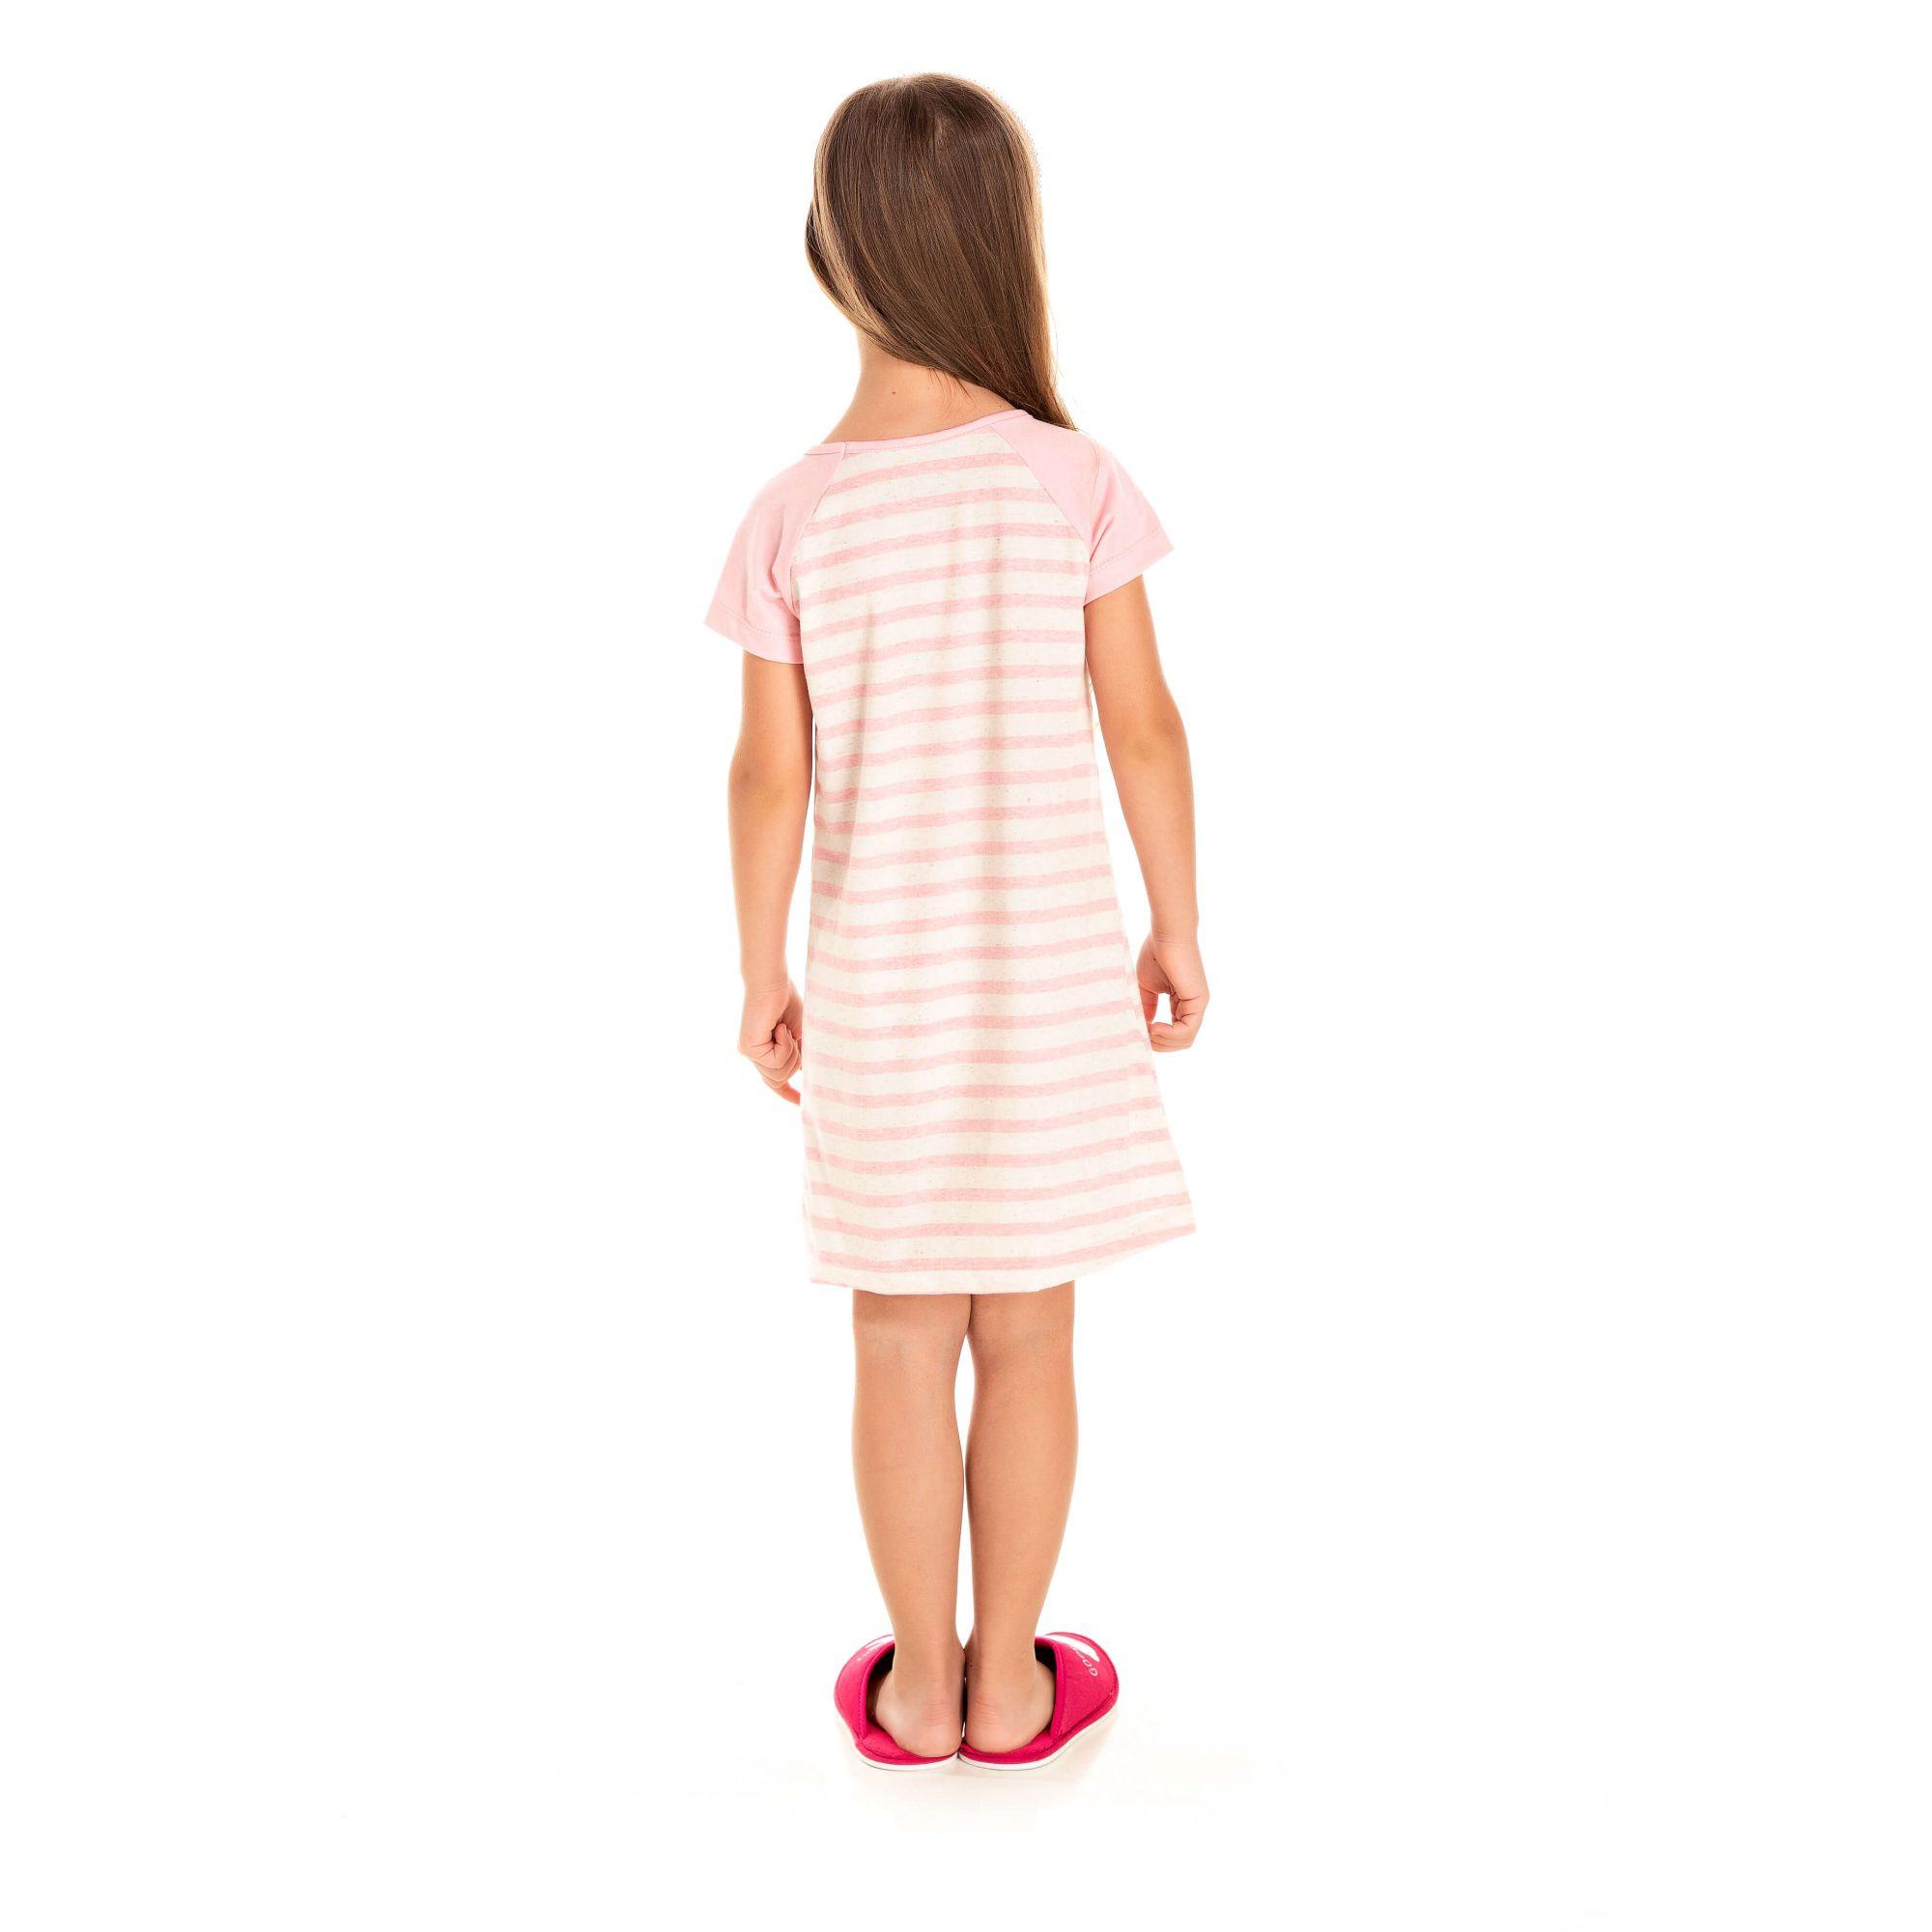 105/C - Camisola Infantil Feminino Picolé